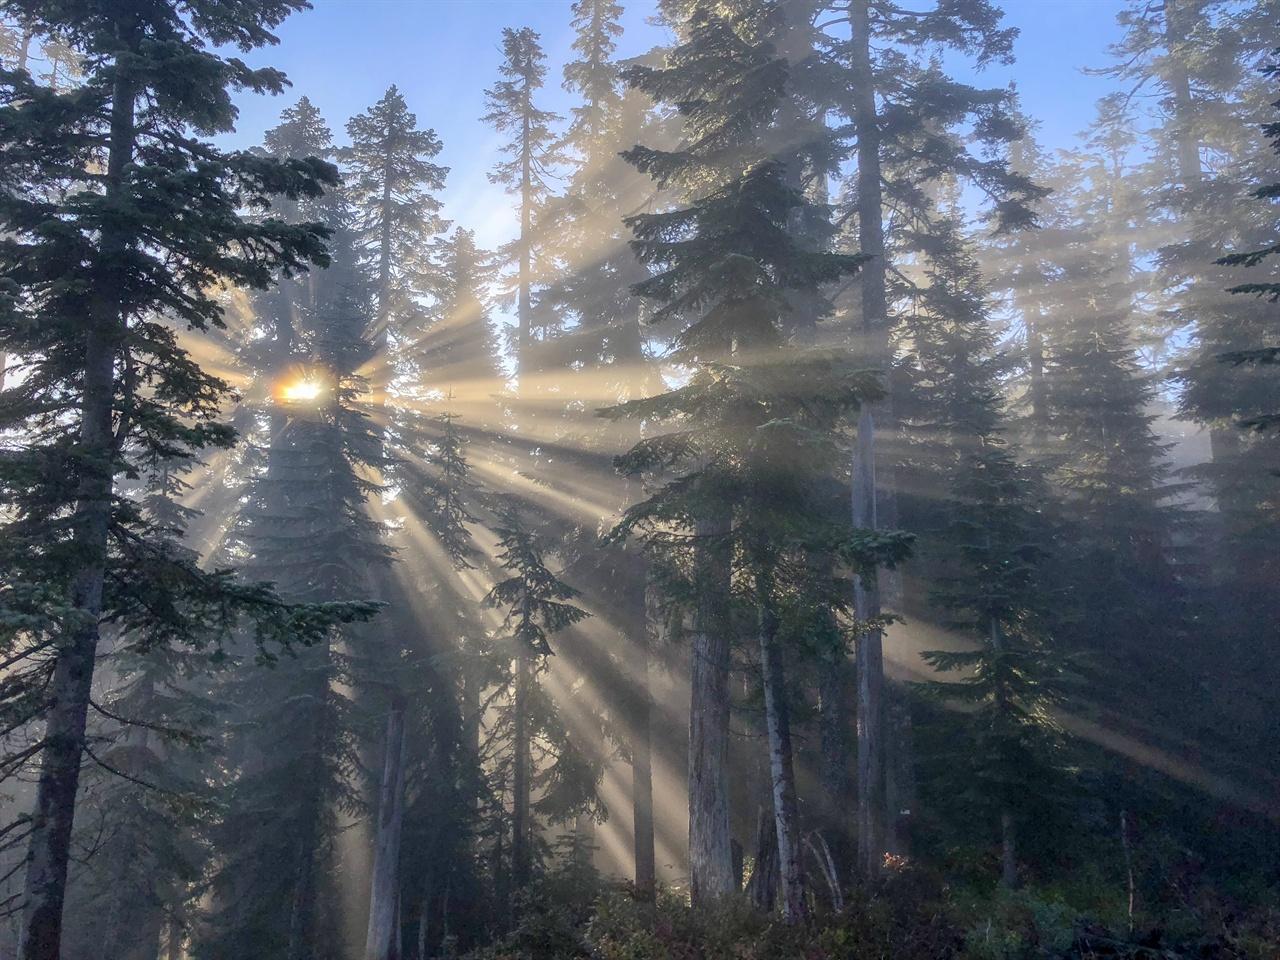 햇빛의 줄기 수많은 가닥의 햇살이 나무를 가르며 나의 길에 빛을 비췄다.